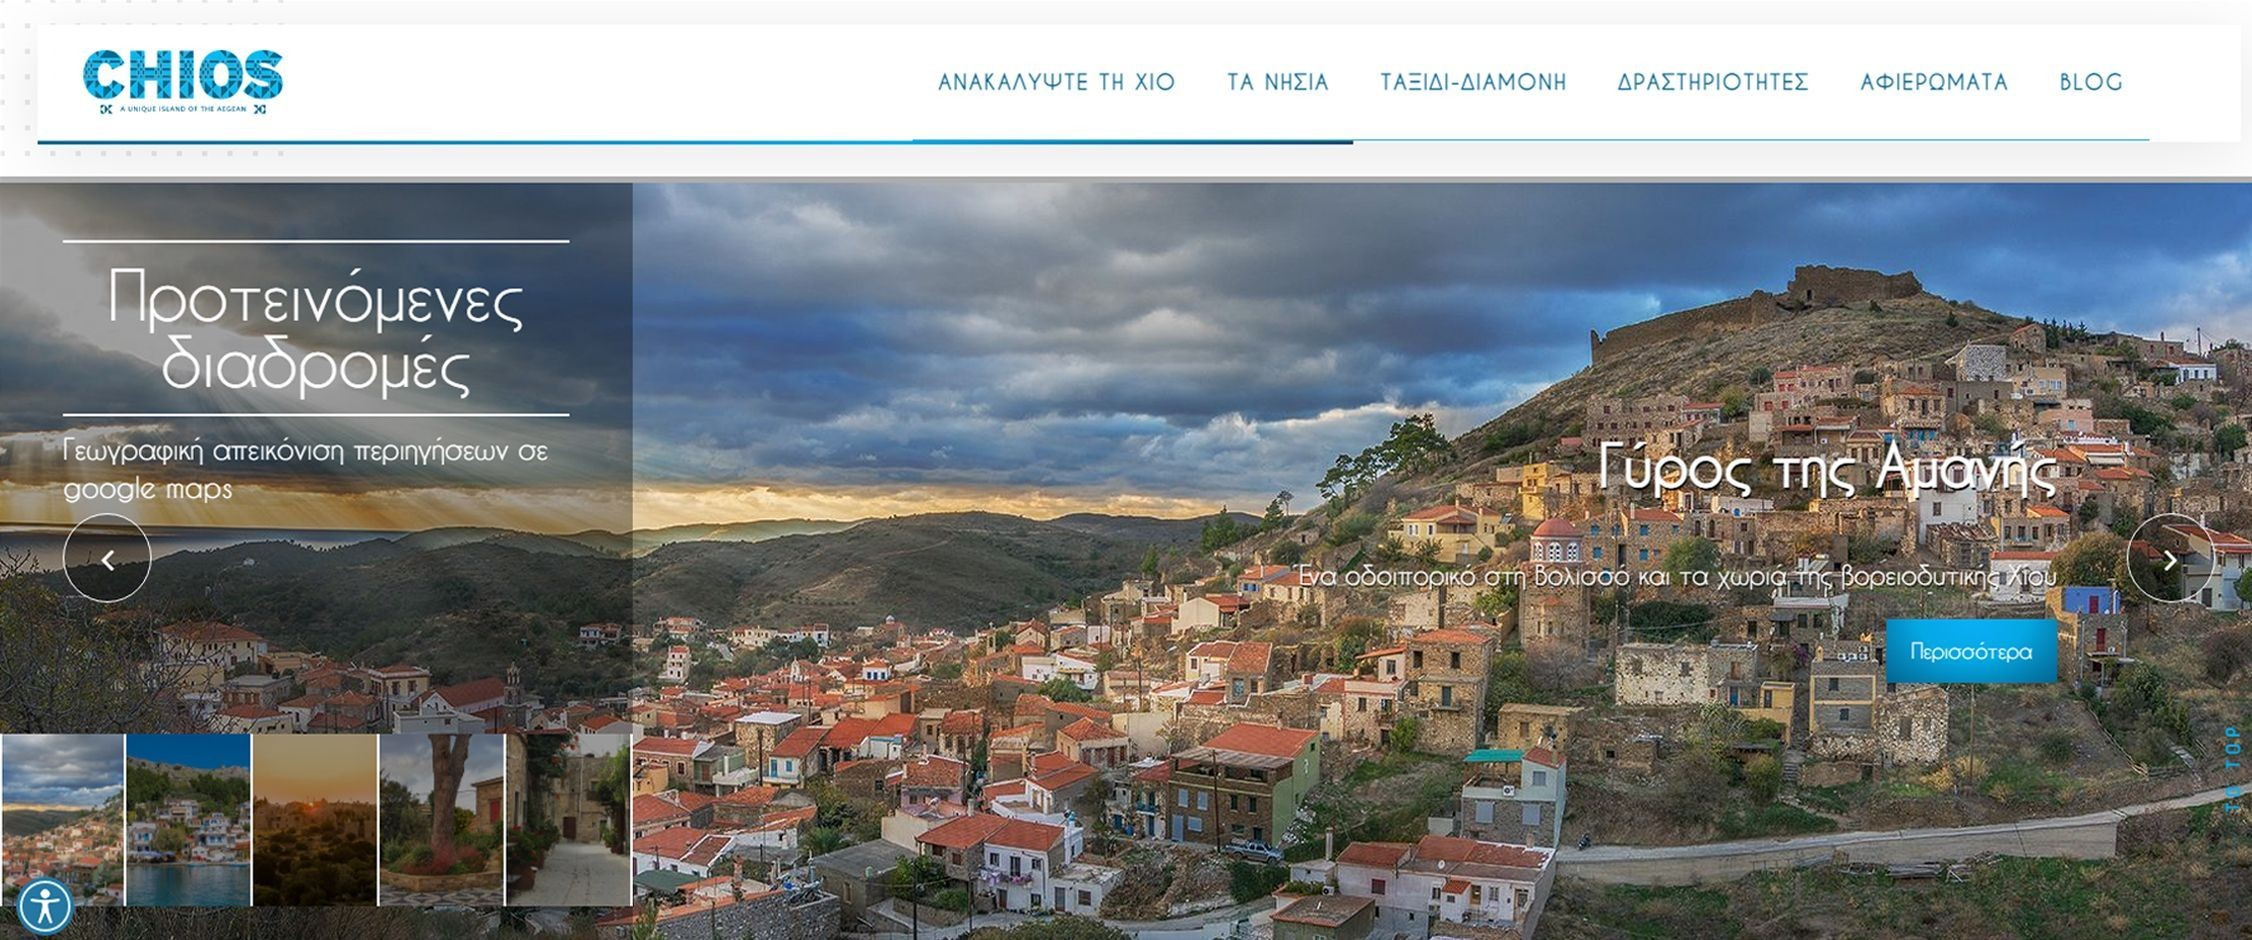 Επίσημη πύλη τουριστικής προβολής της Περιφερείας Β. Αιγαίου για τον νομό της Χίου